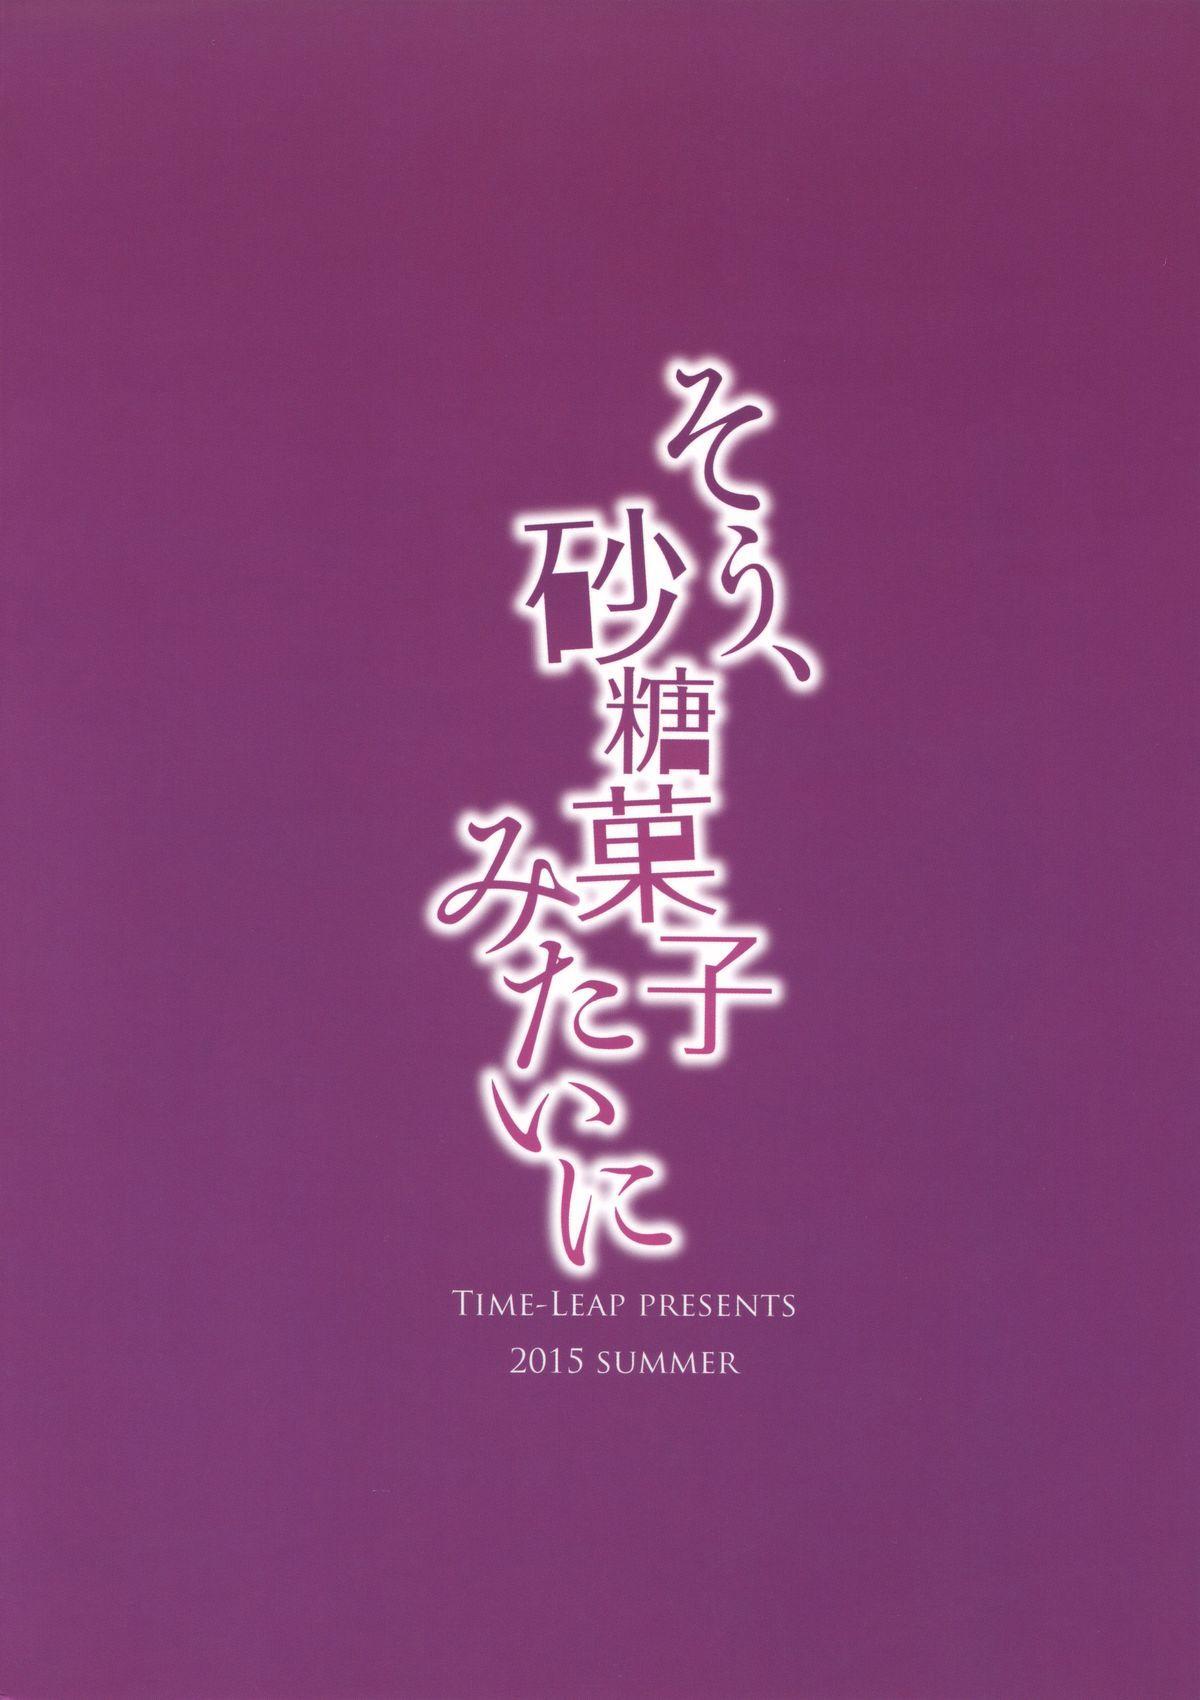 Sou, Satougashi Mitaini 1